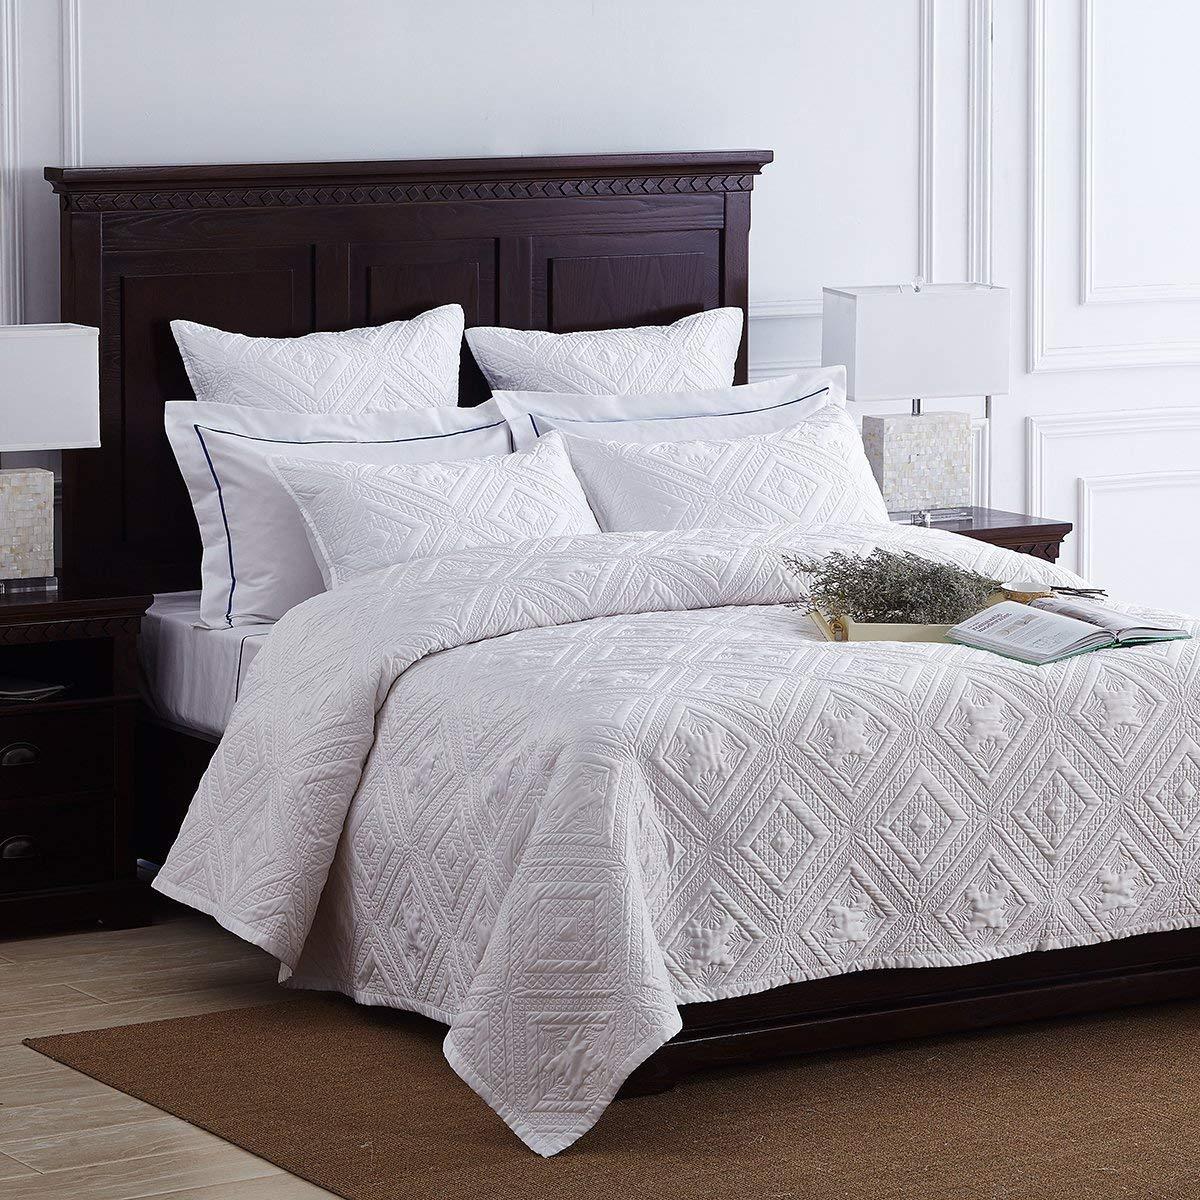 ウォッシュドキルト寝具、ヨーロピアンスタイルの厚み付けハンドメイドプリントエアコンブランケットキルトベッドカバー3個セット、ホワイト,274*241CM B07L91G9GH  274*241CM